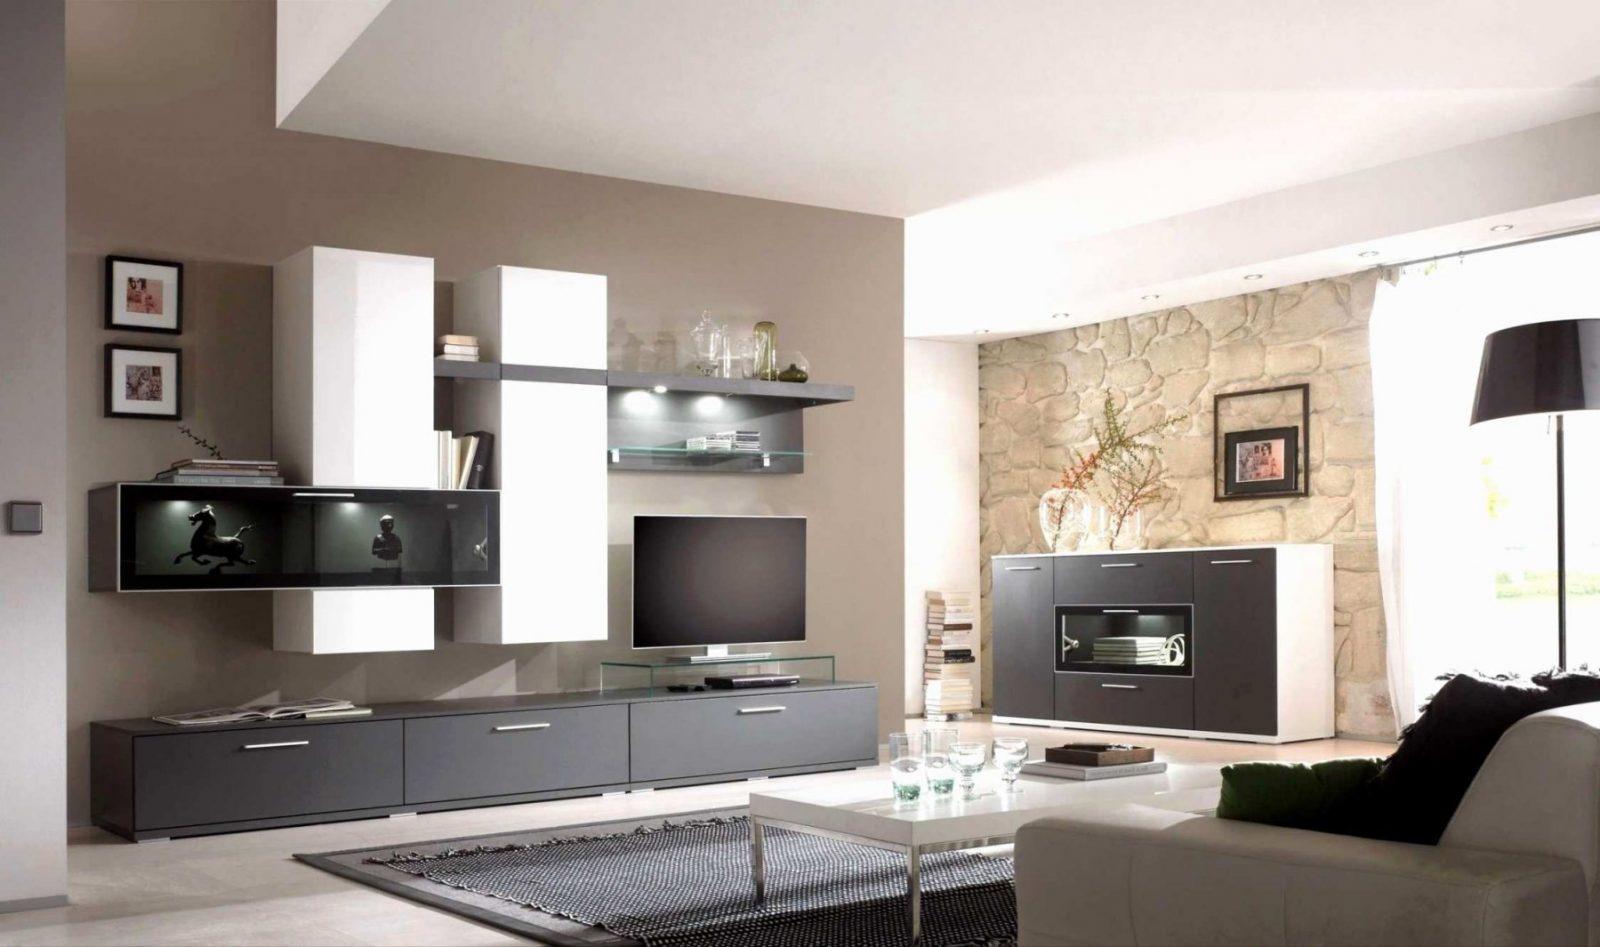 Kleines Wohnzimmer Mit Essbereich Einrichten  Wohndesign von Kleines Wohnzimmer Mit Essbereich Einrichten Photo